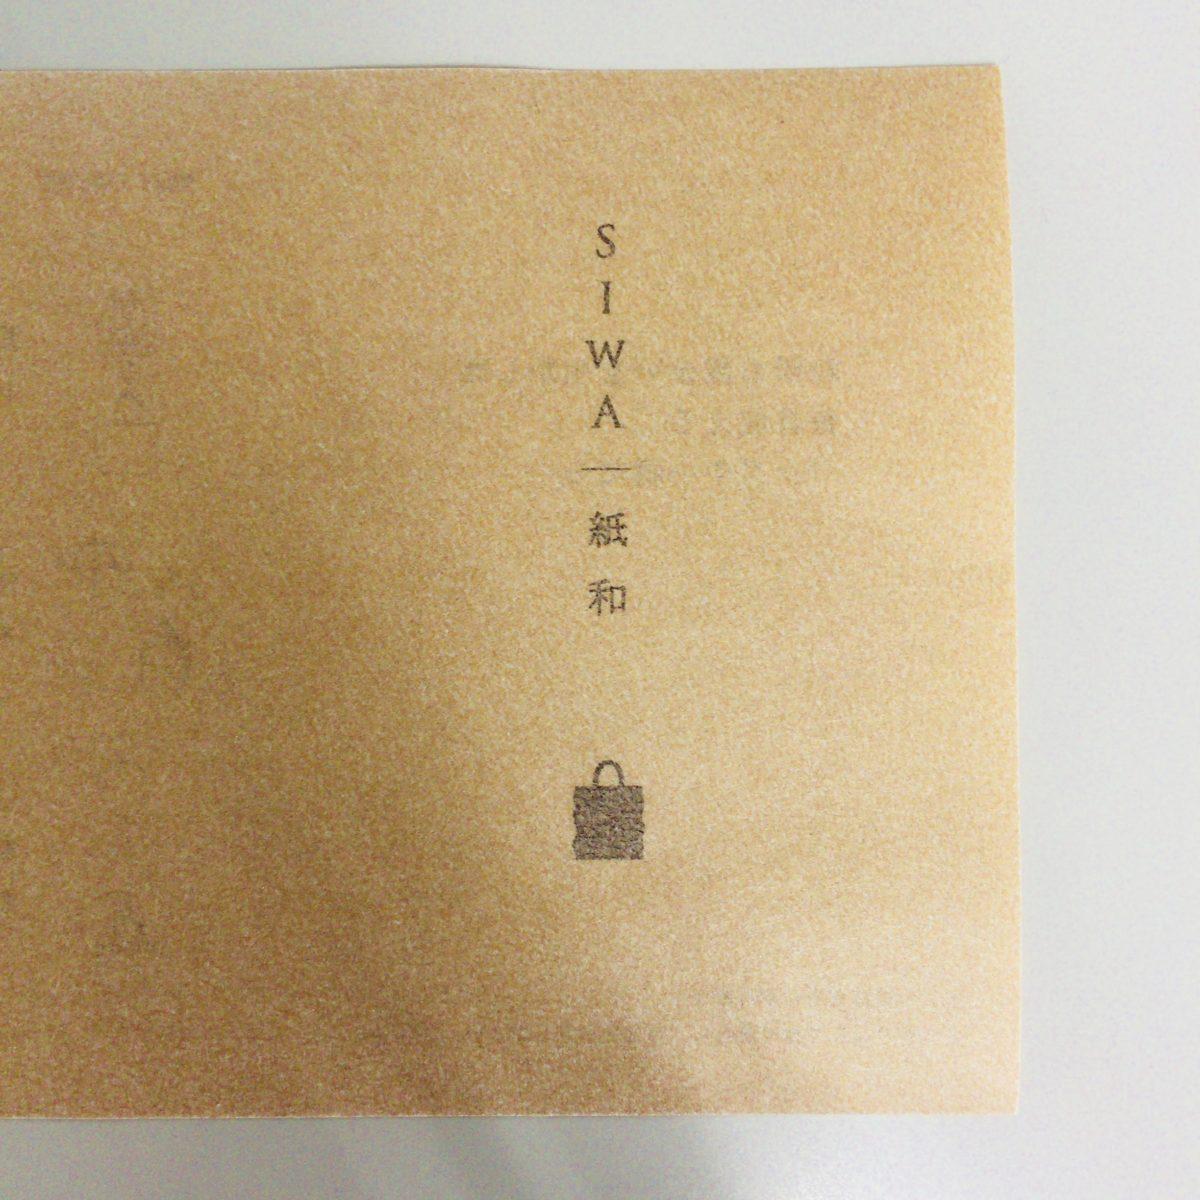 S I W A | 紙 和 原材料の紙